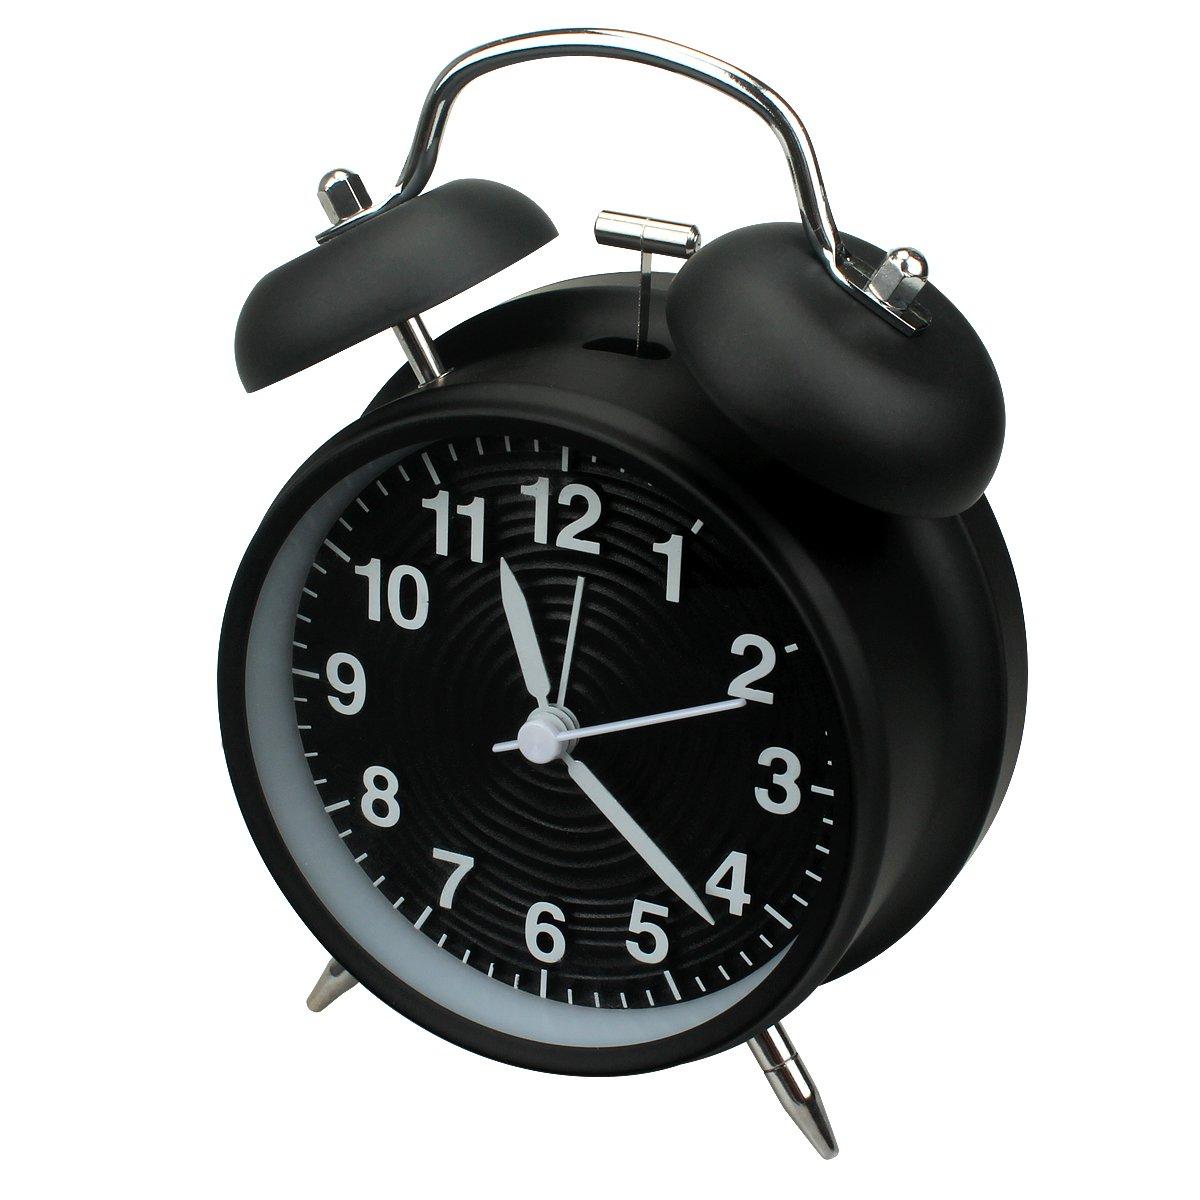 Sveglia da 10 cm a doppia campana, senza ticchettio, alimentata a batteria, stile rétro, con luce notturna per stanze da letto(Nero) Homchen